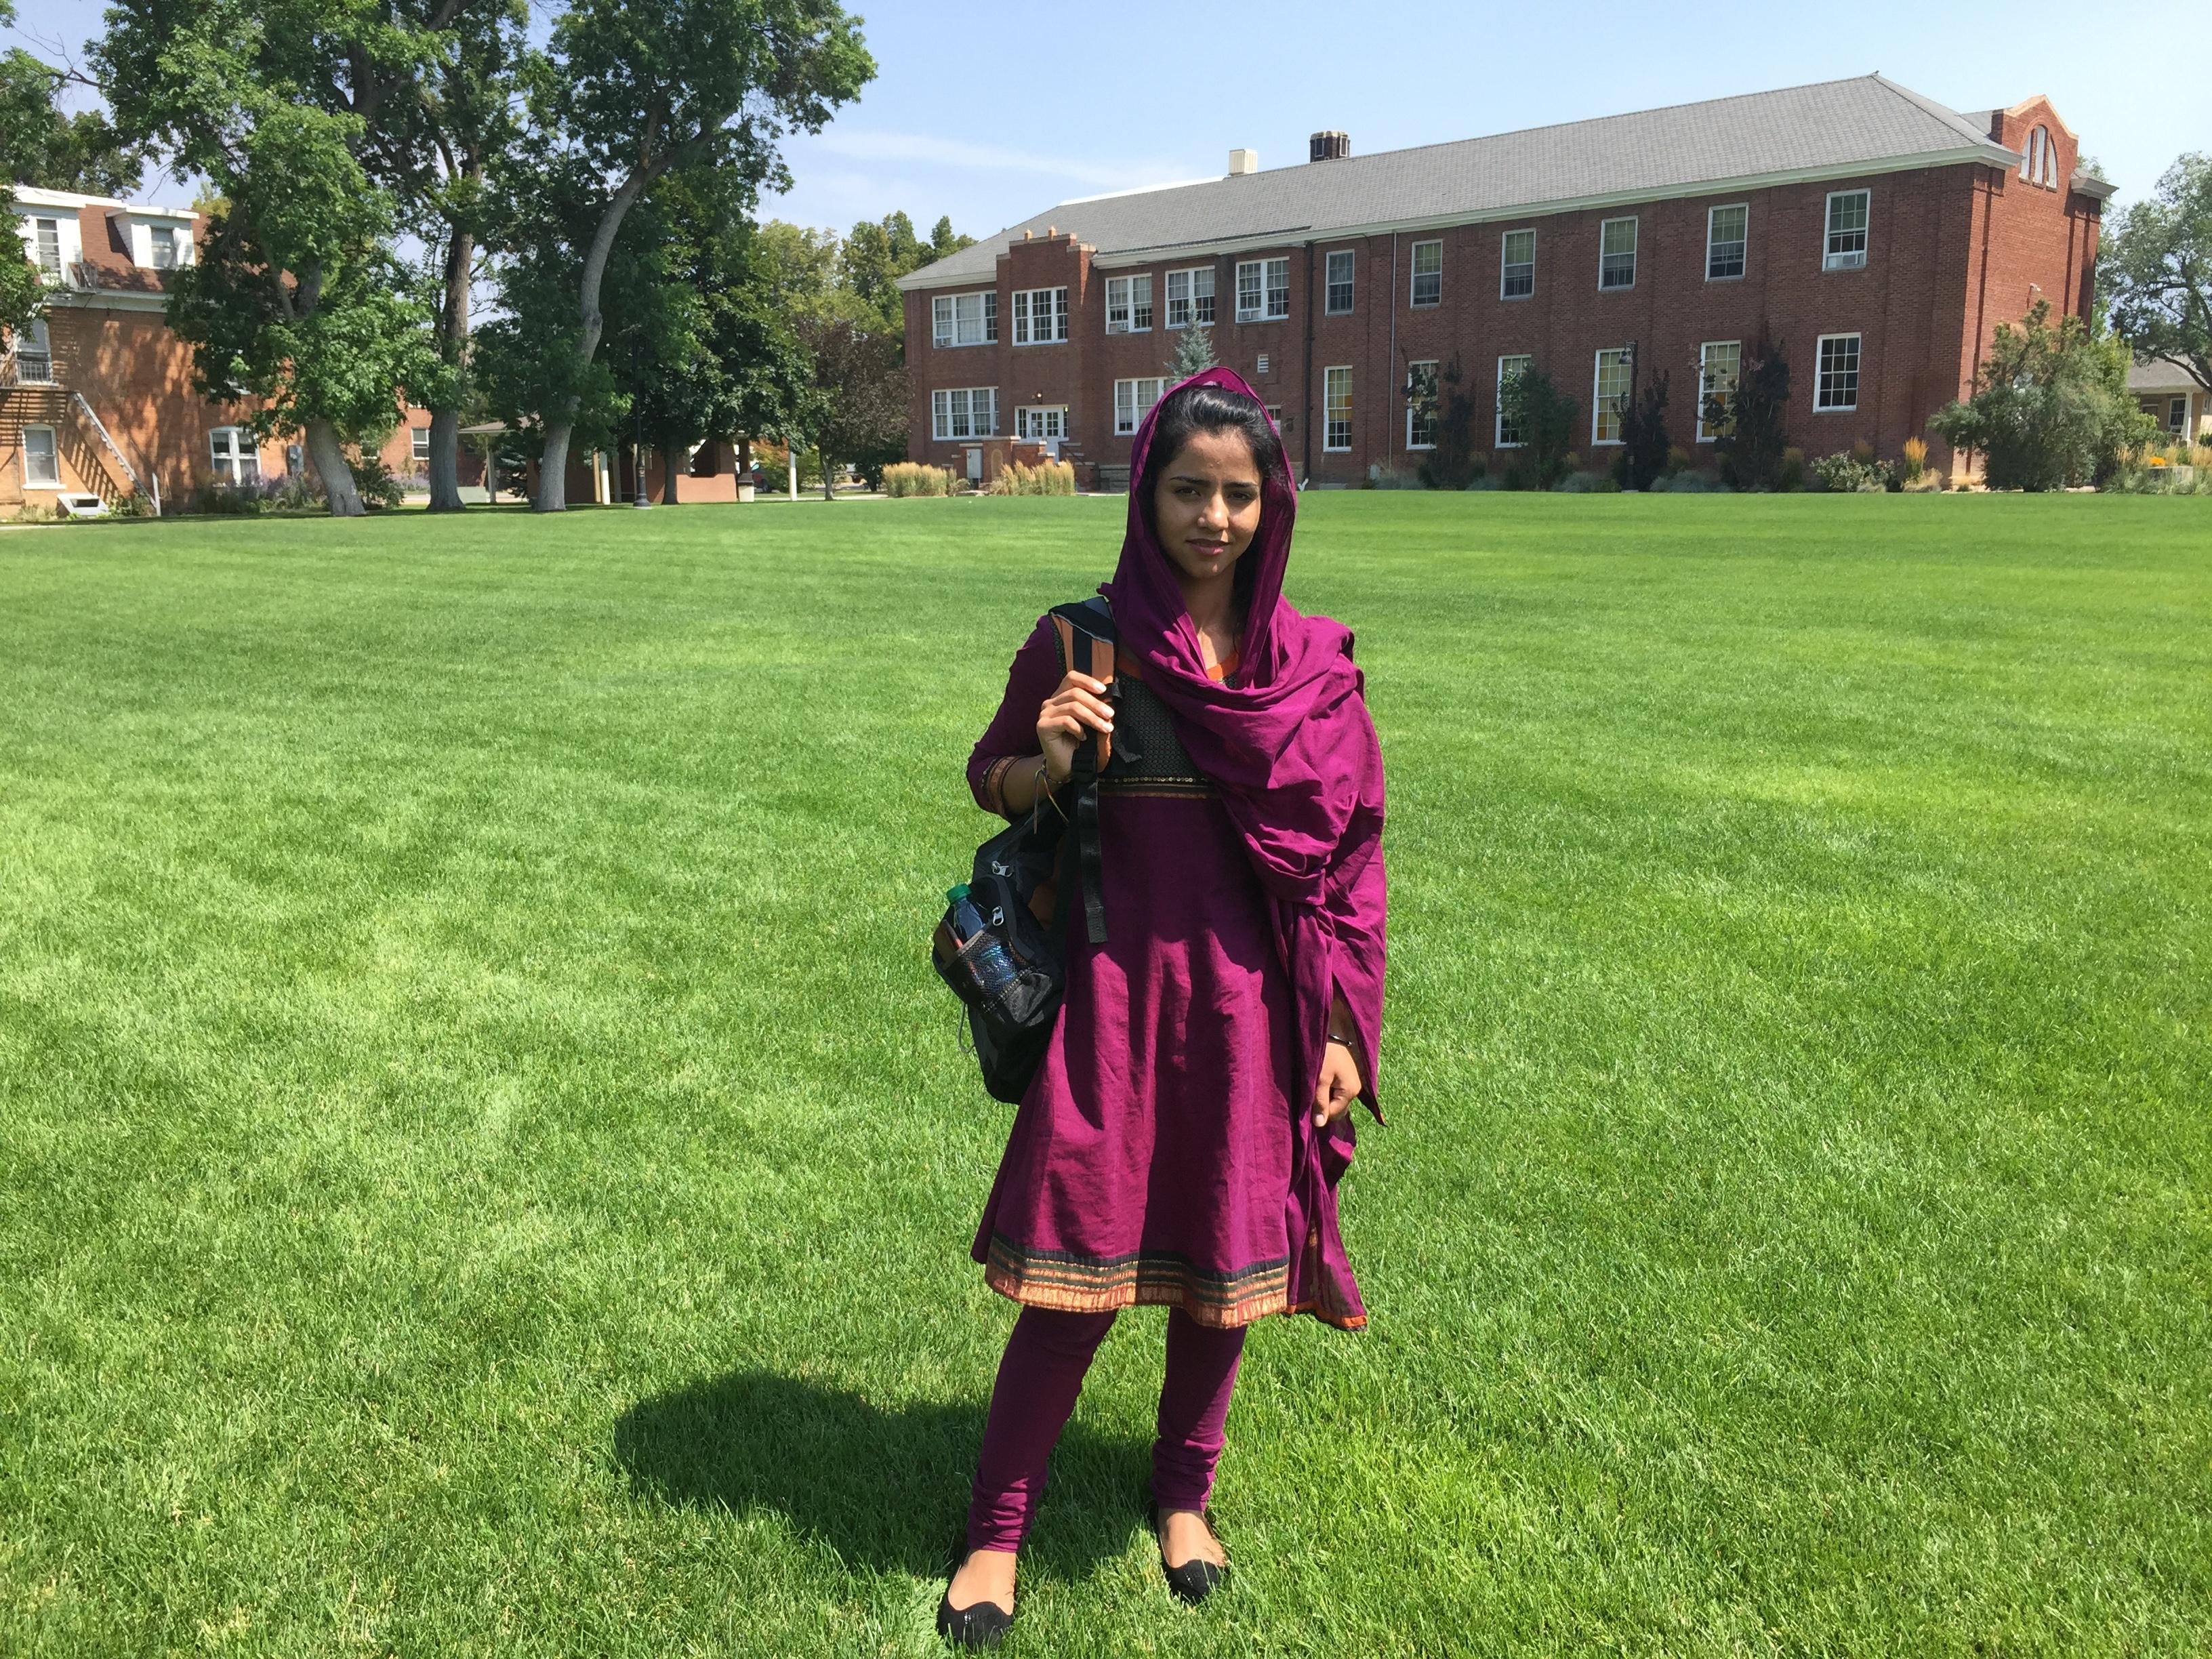 Afghani Teen - Naked Photo-9035